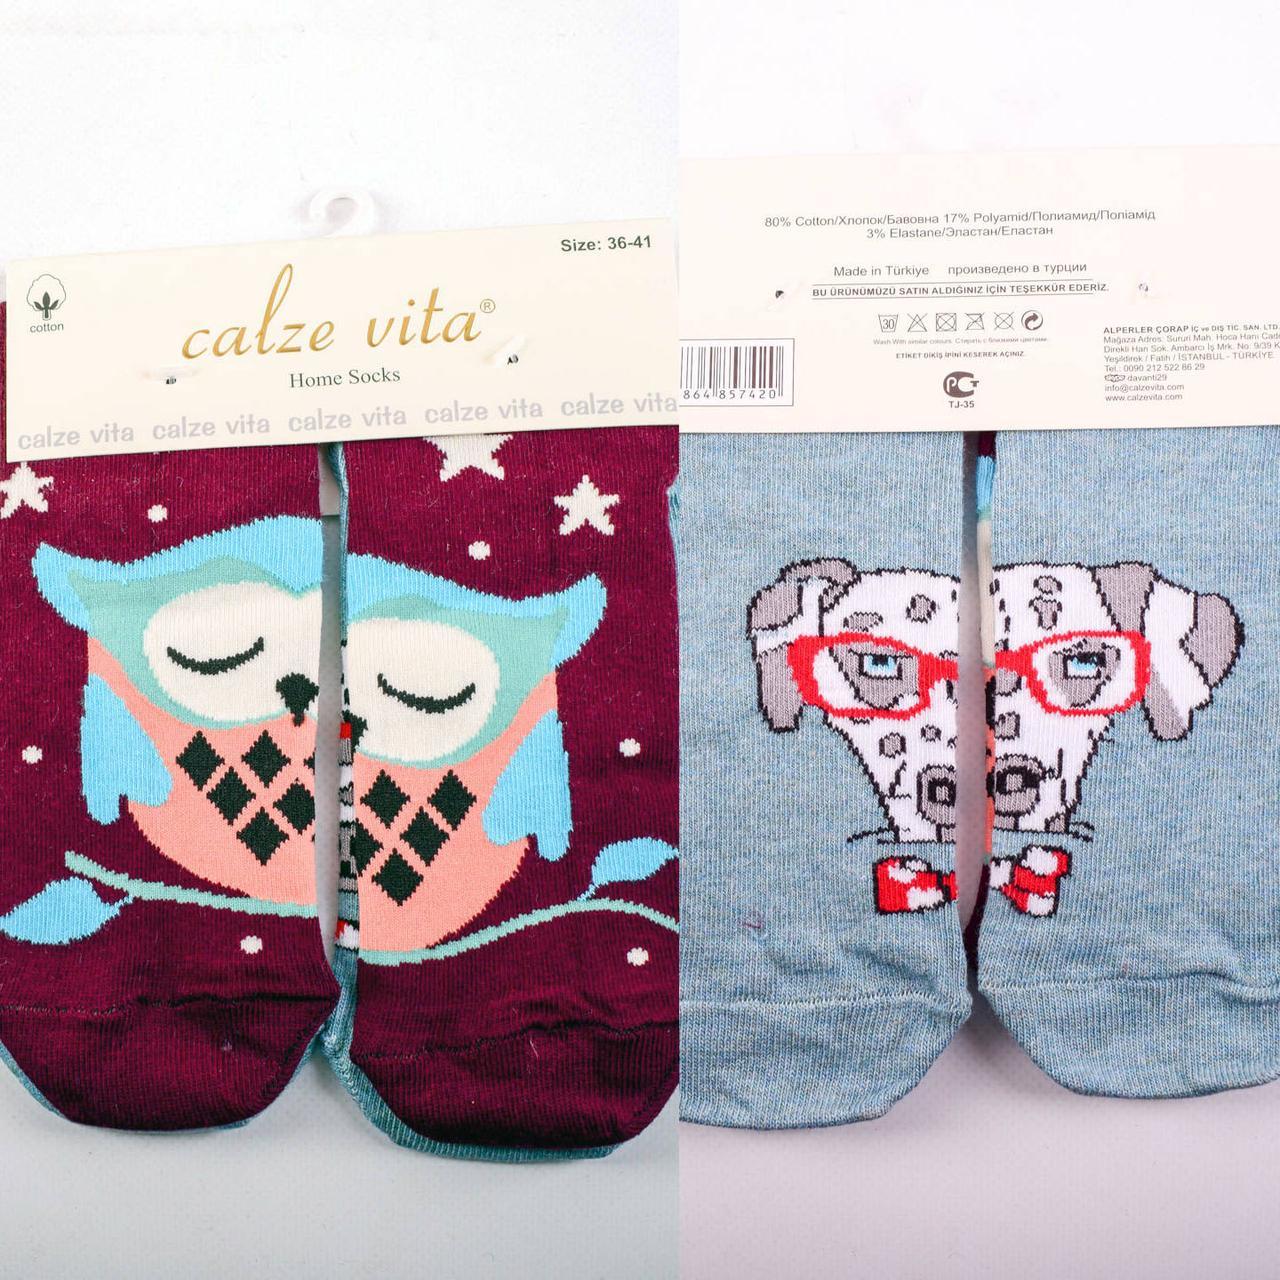 Женские качественные короткие носочки с мордочками Calze Vita BPC0304. В упаковке 12 пар. Турция